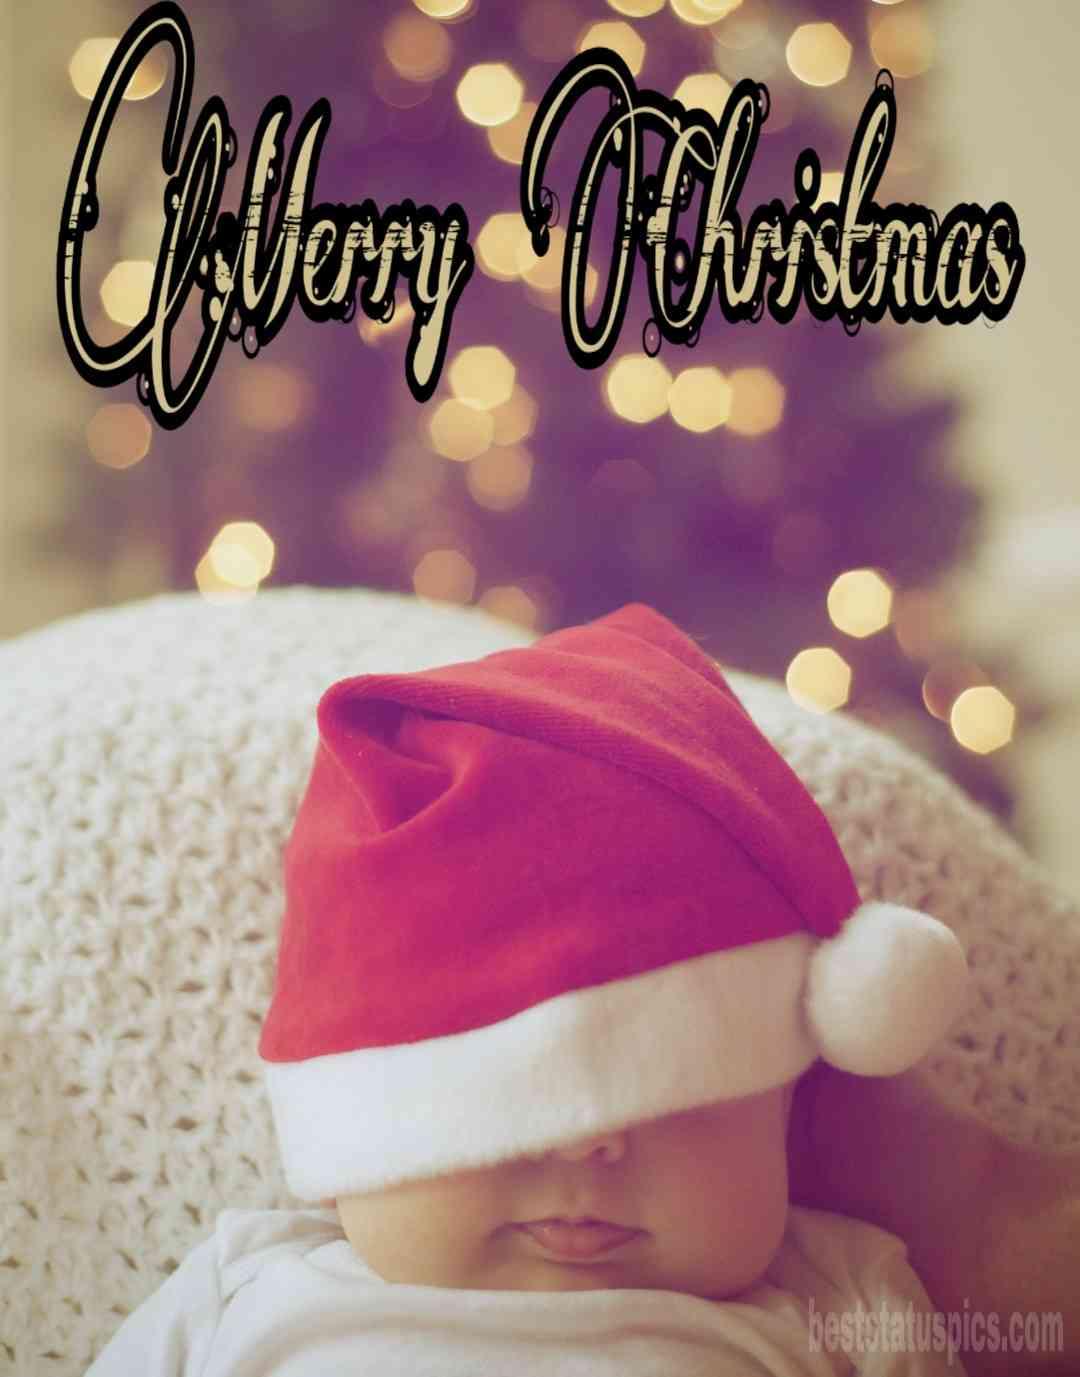 Best Merry Christmas wishes 2019 Baby Whatapp status